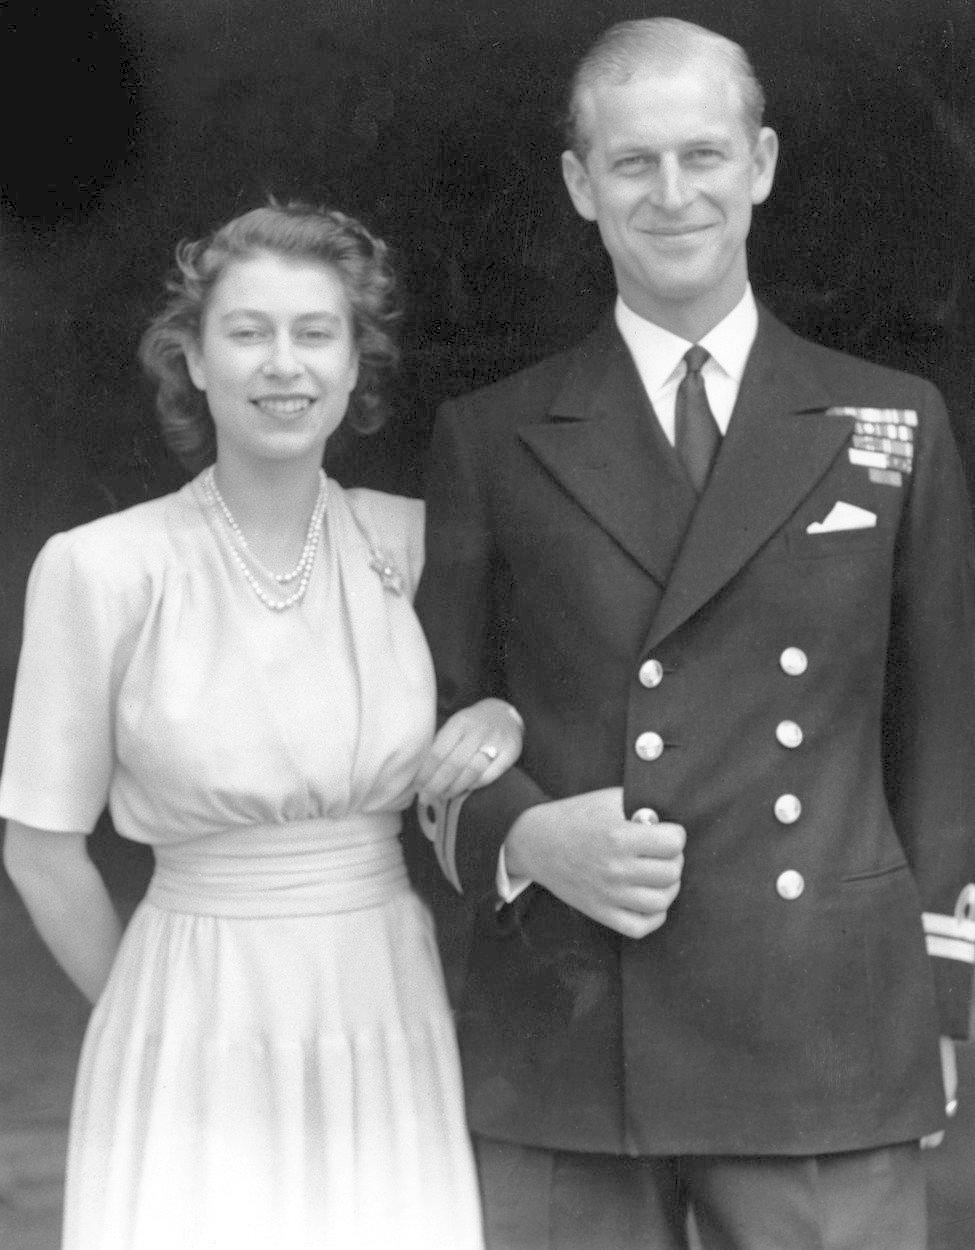 Královna alžběta s manželem přesně před sedmdesáti lety